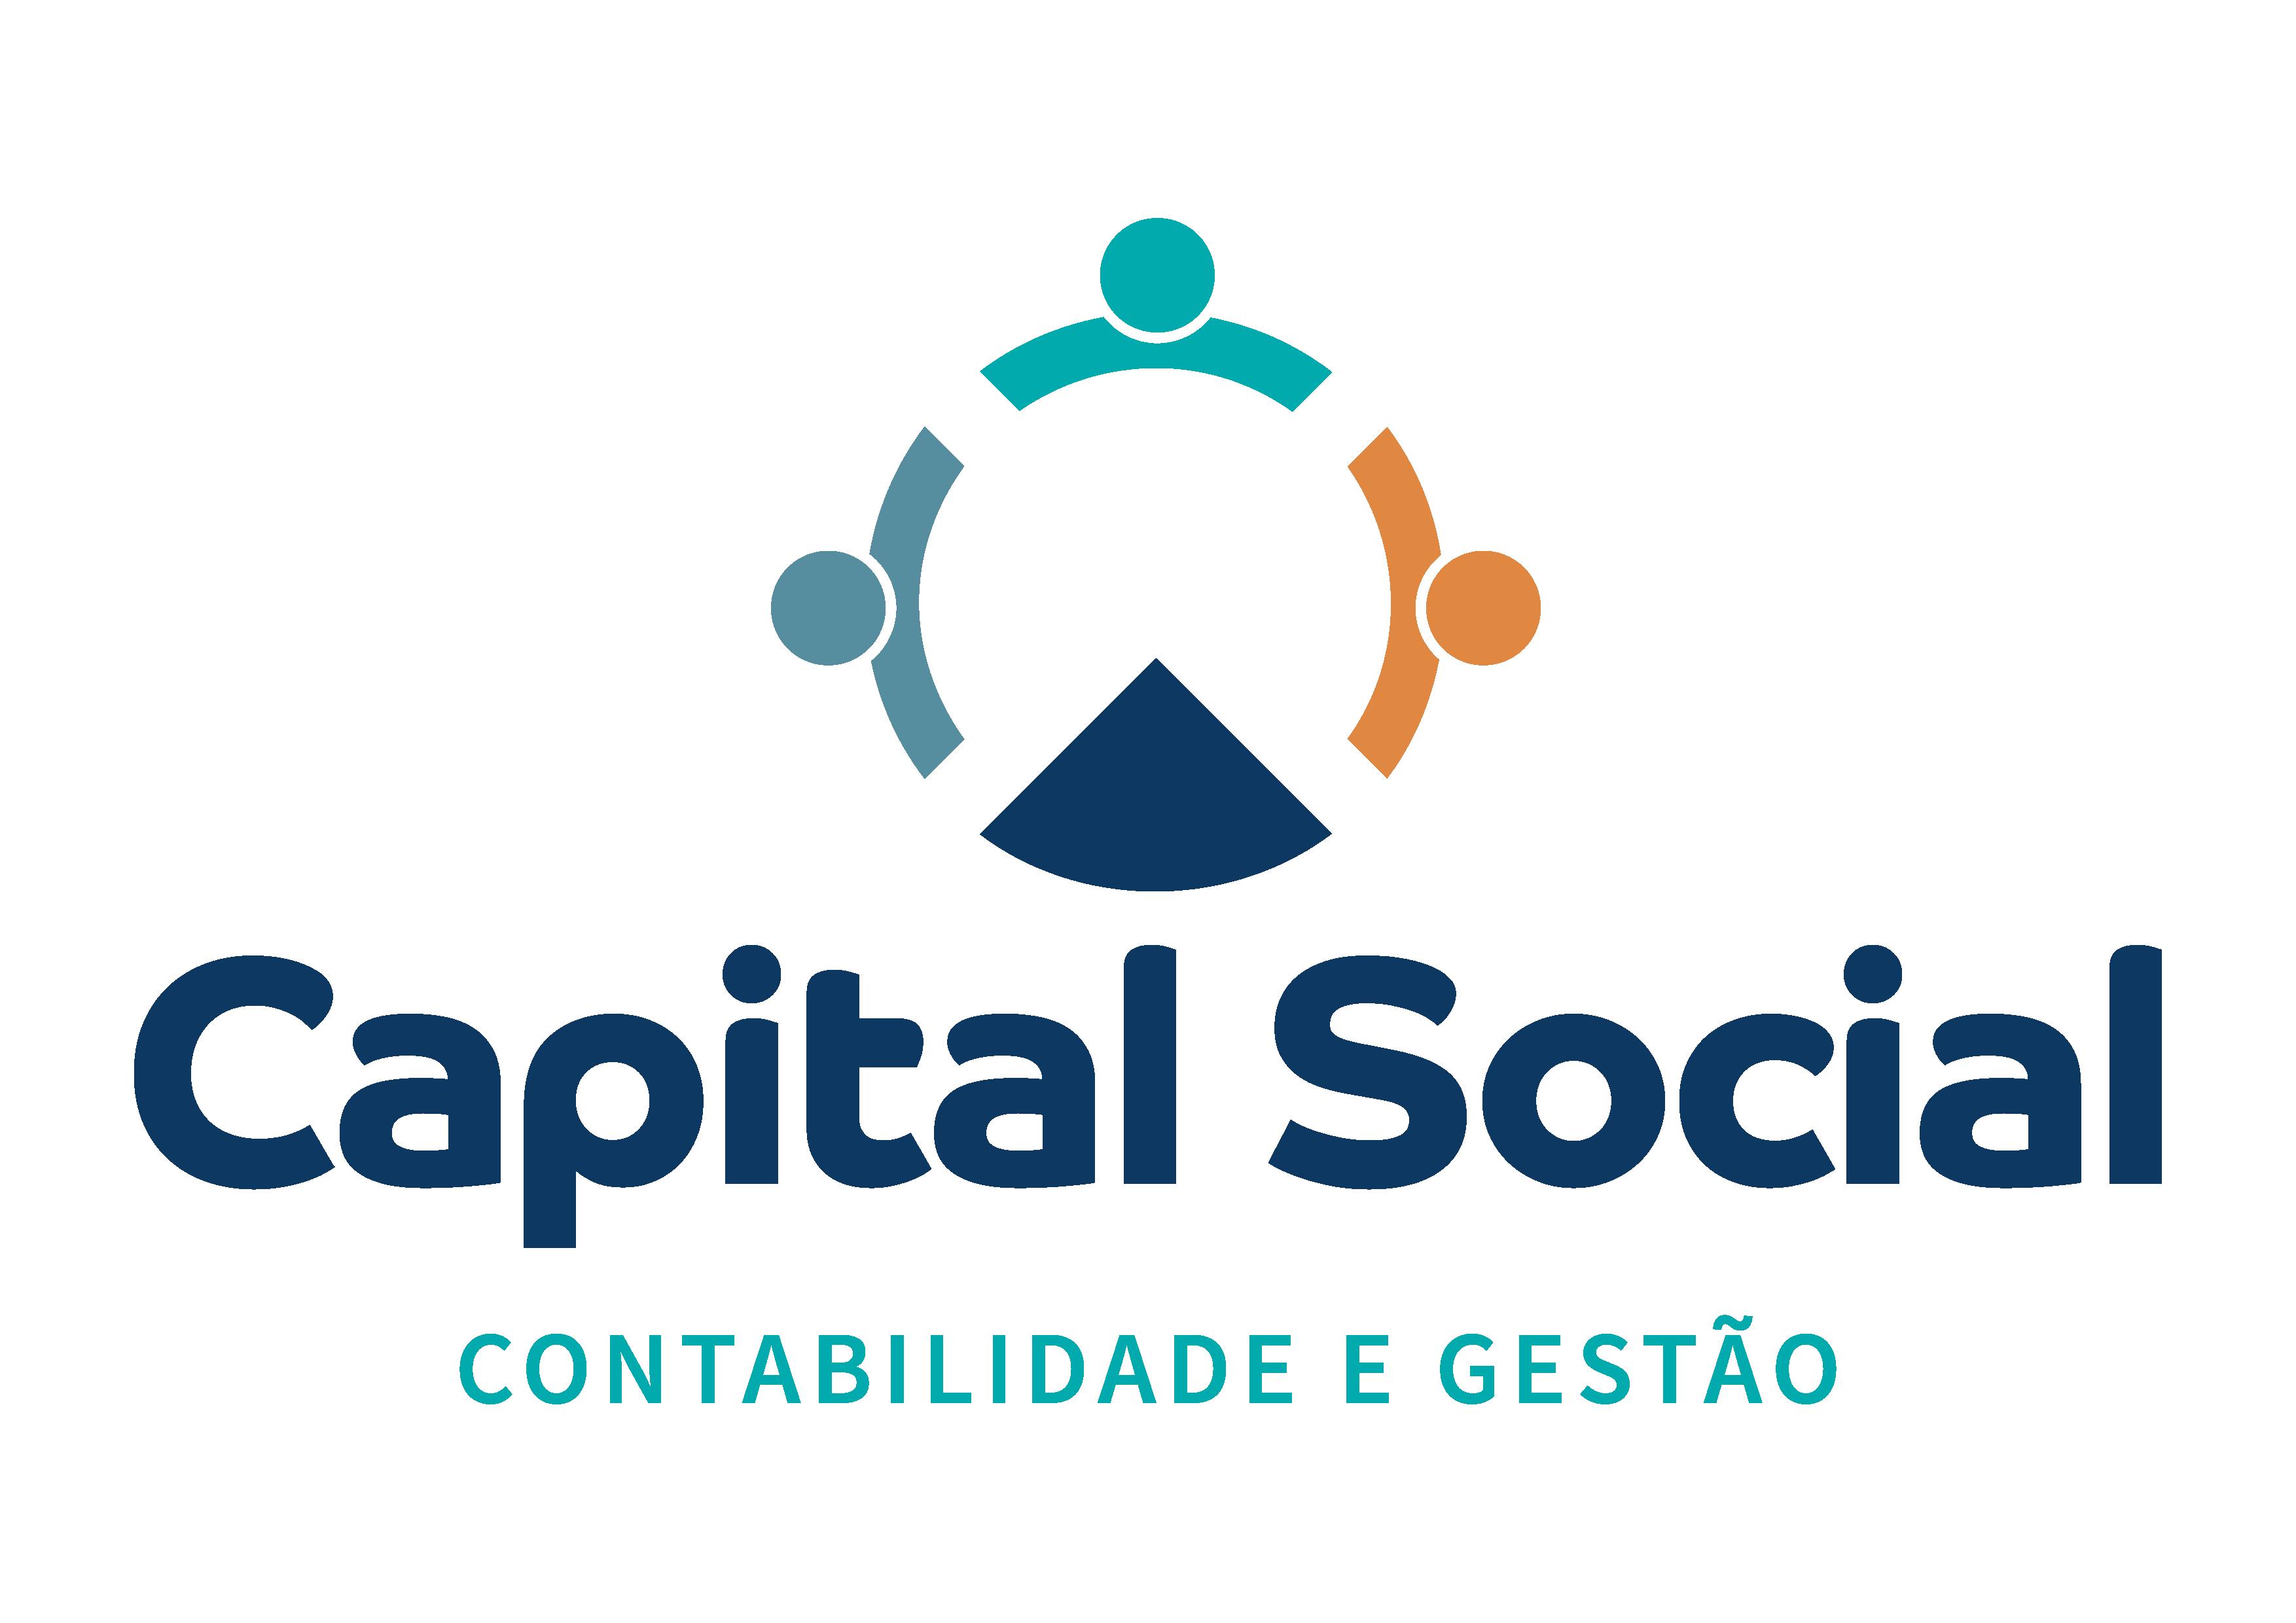 Capital Social Contabilidade E Gestão